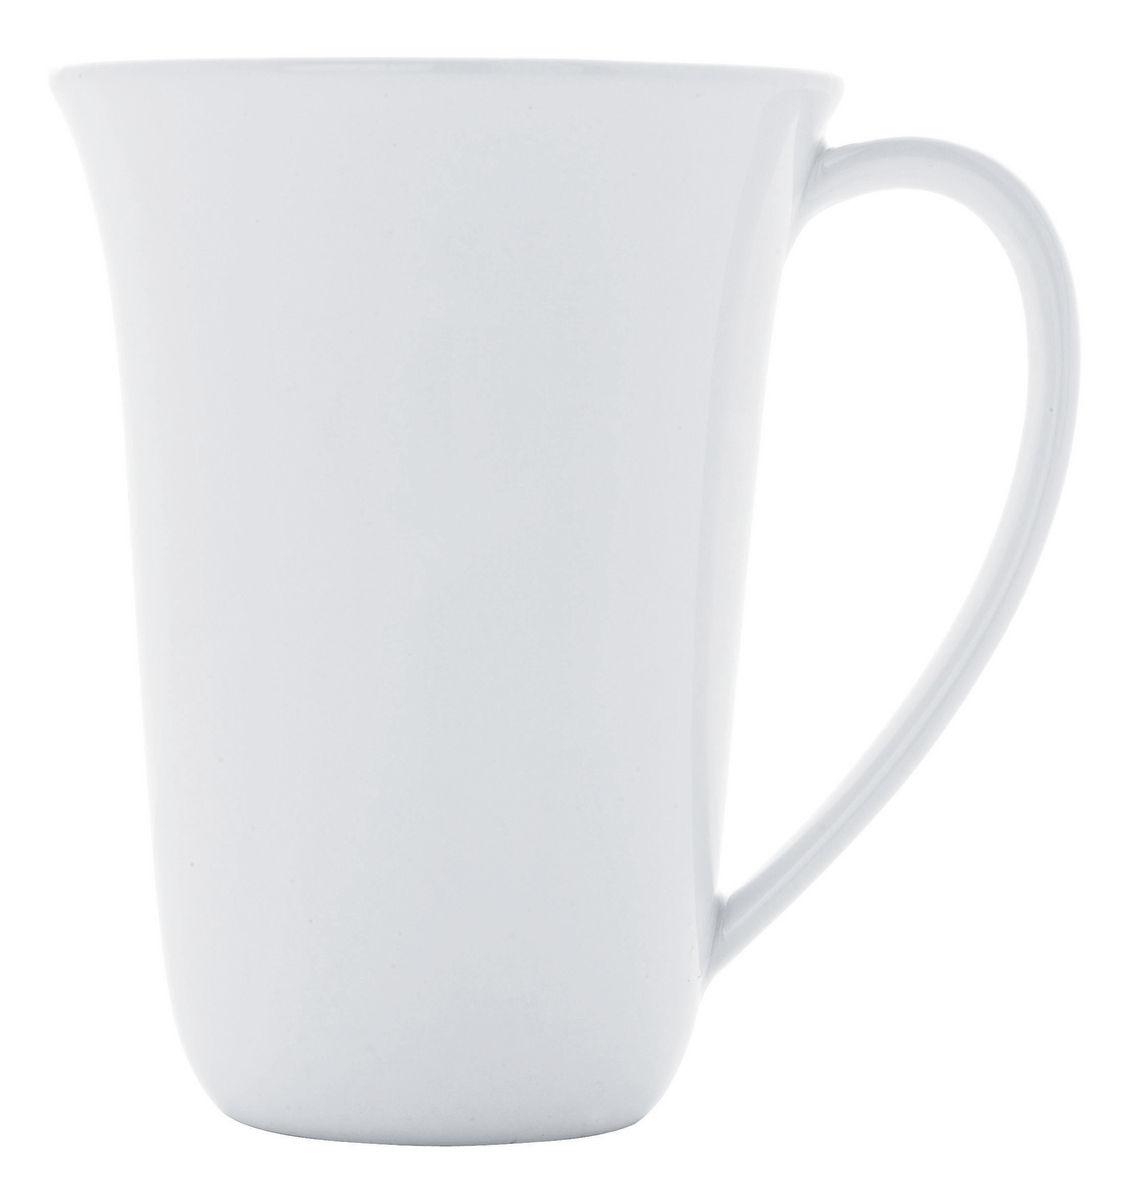 Tischkultur - Tassen und Becher - Ku Becher - Alessi - Weiß - Porzellan